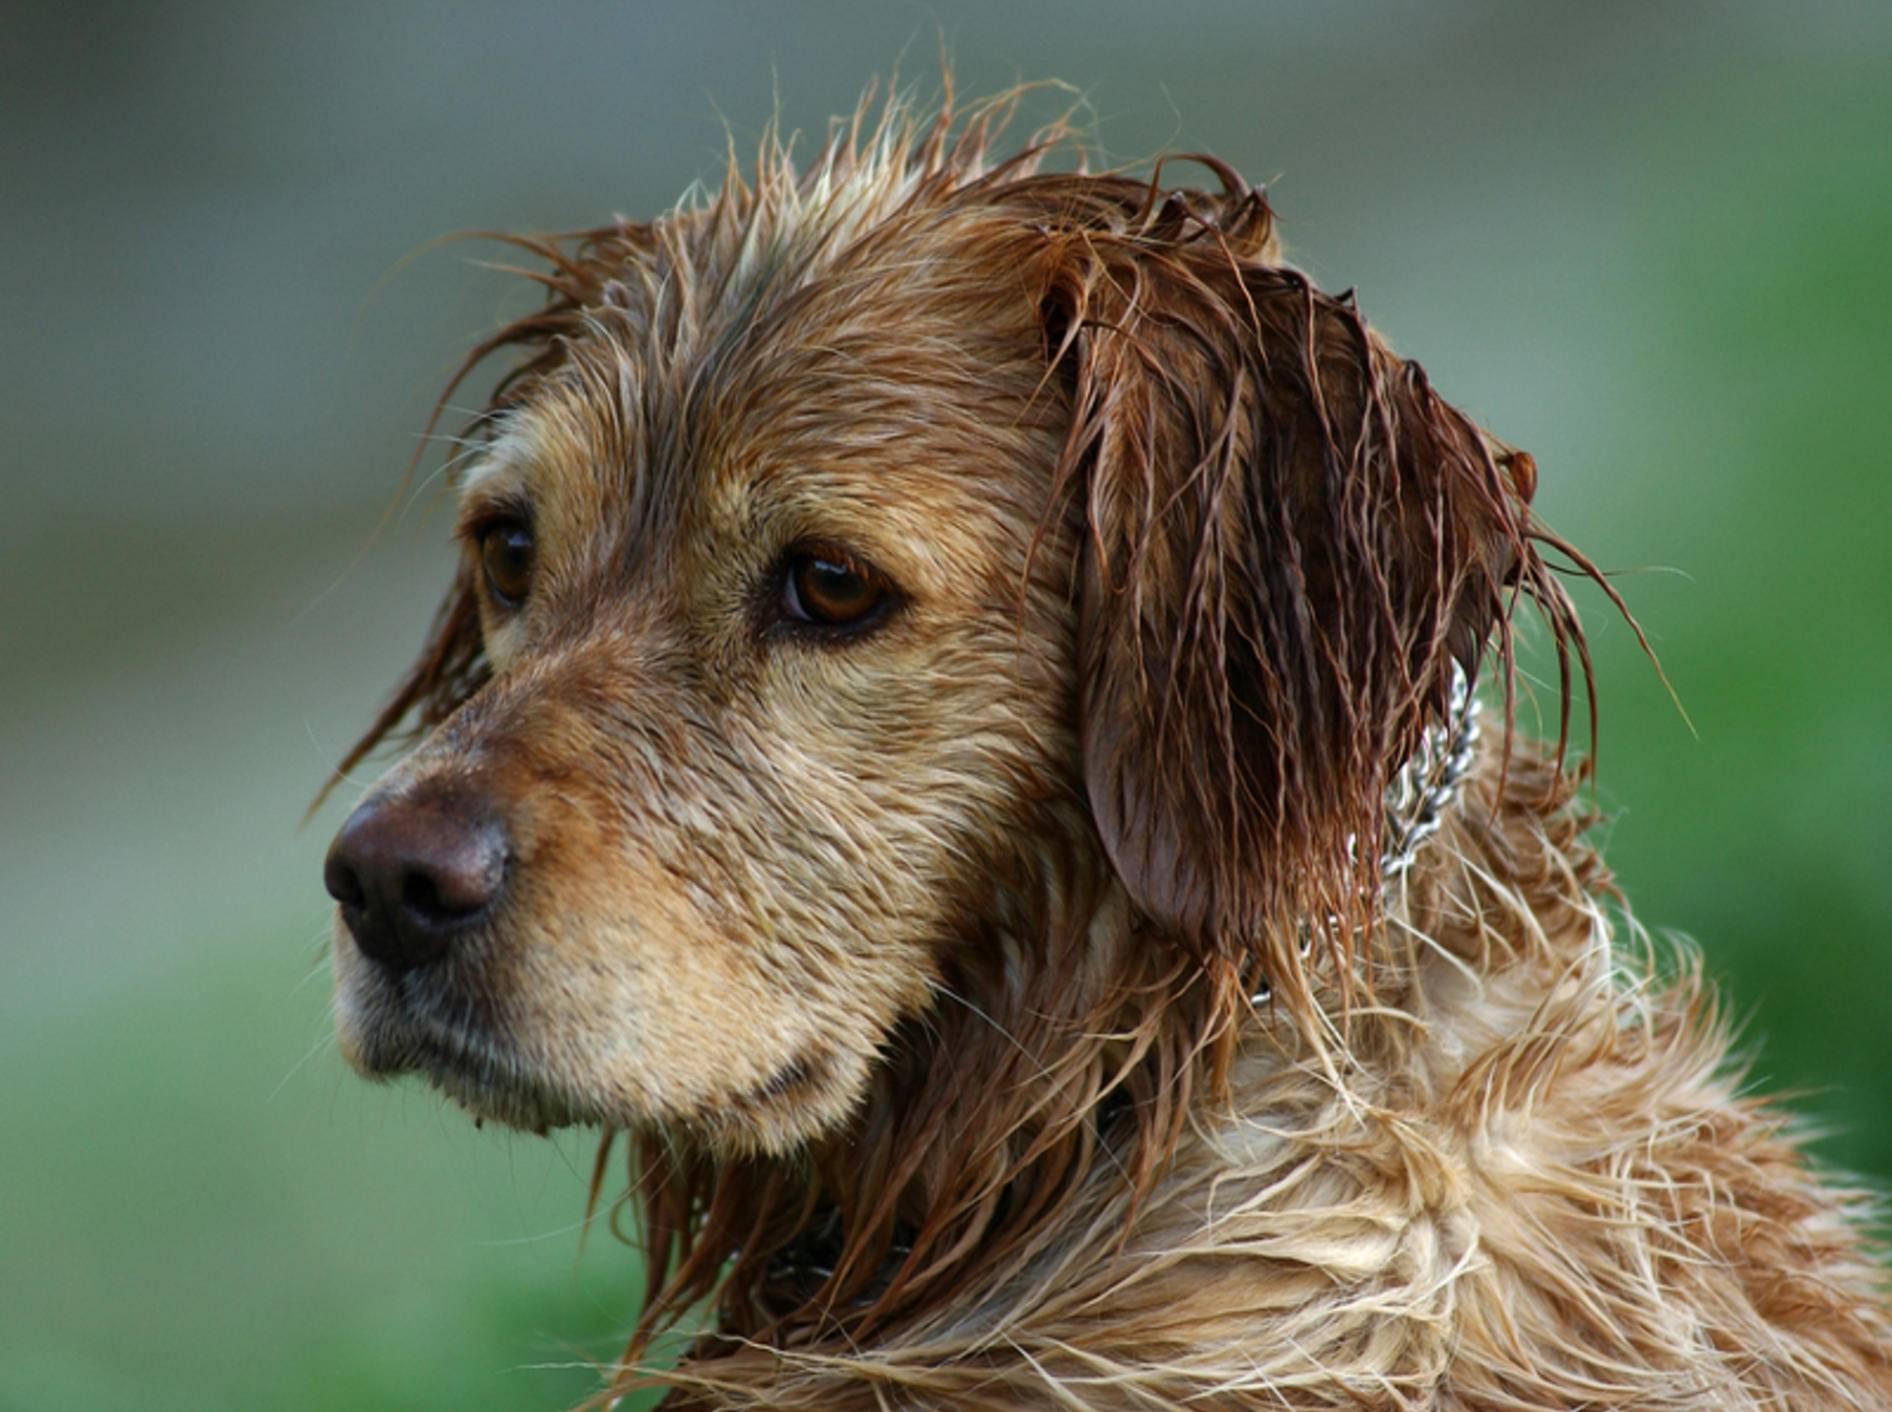 Süß, lustig, liebenswert und ... stinkig! Nasse Hunde sind manchmal schon eine kleine Herausforderung – Shutterstock / Dan74